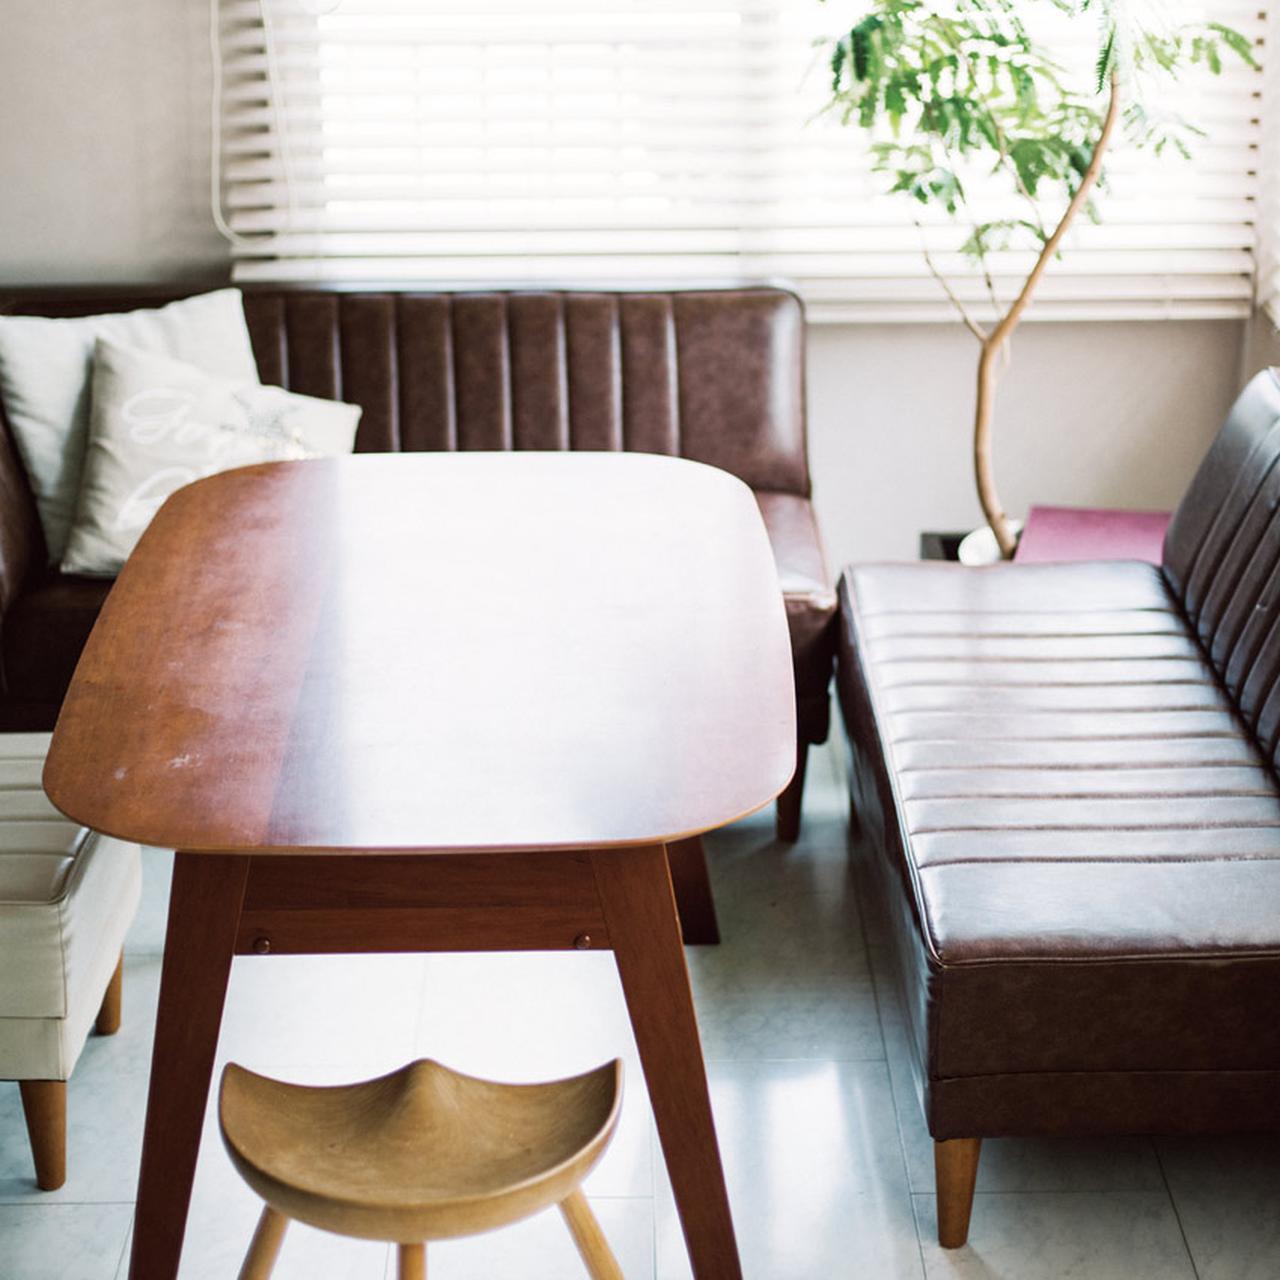 窓からの光が部屋じゅうに回る 白を基調とした空間